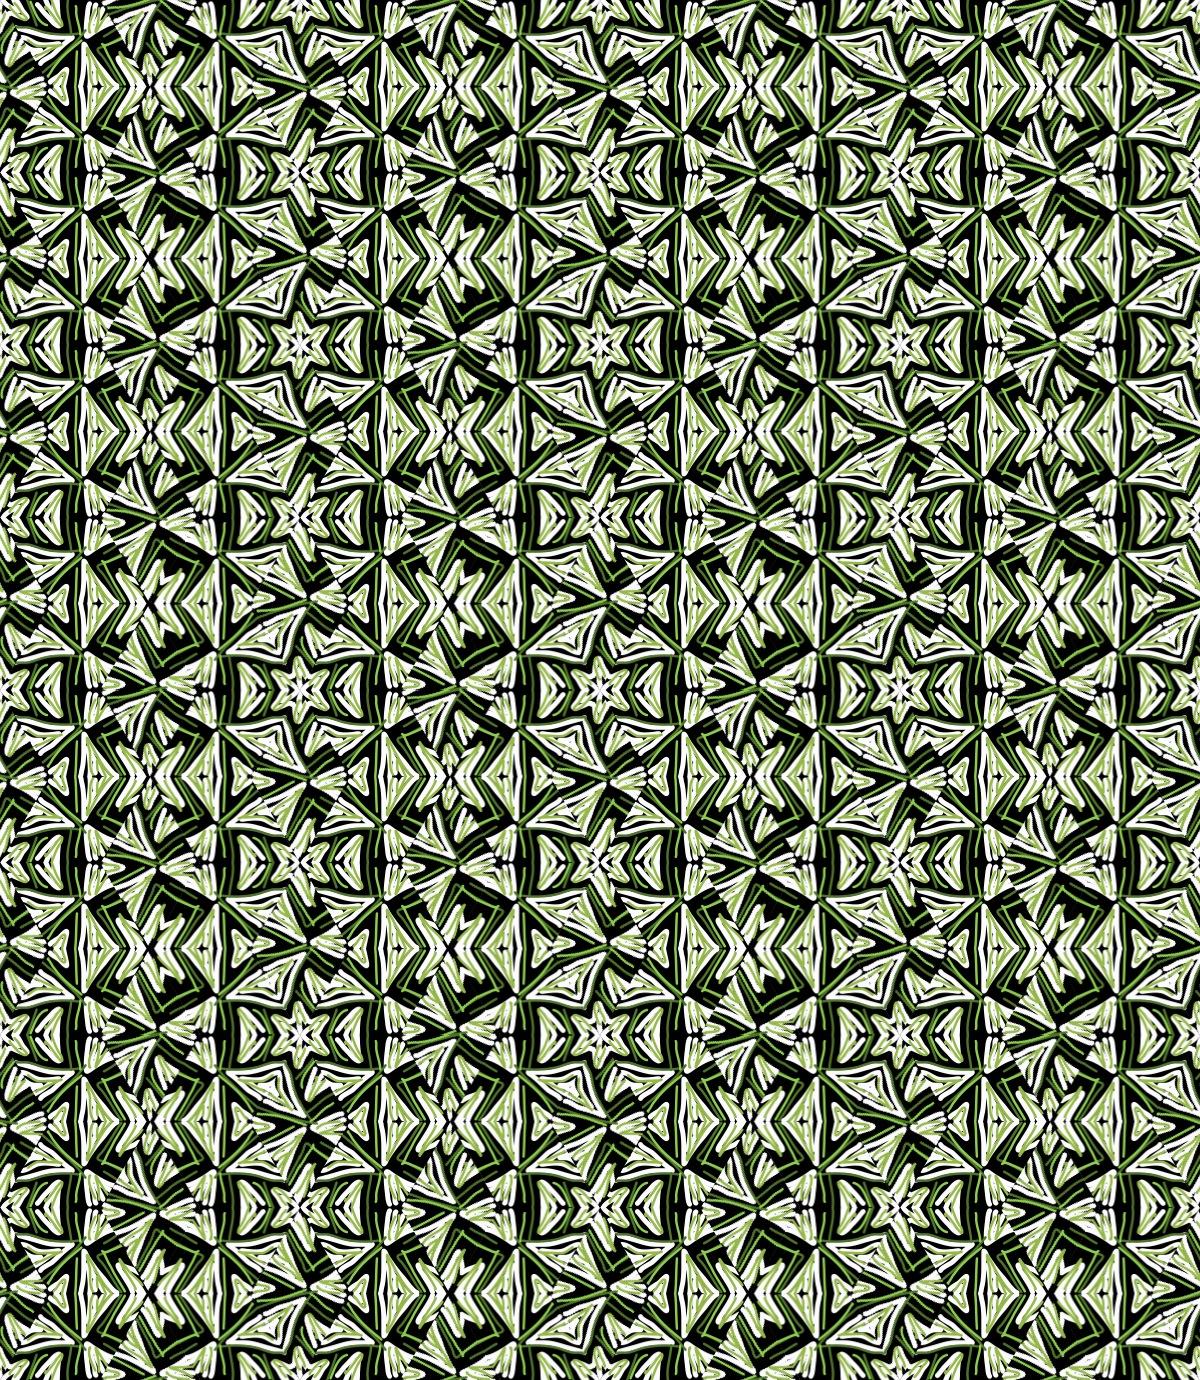 018_tiled